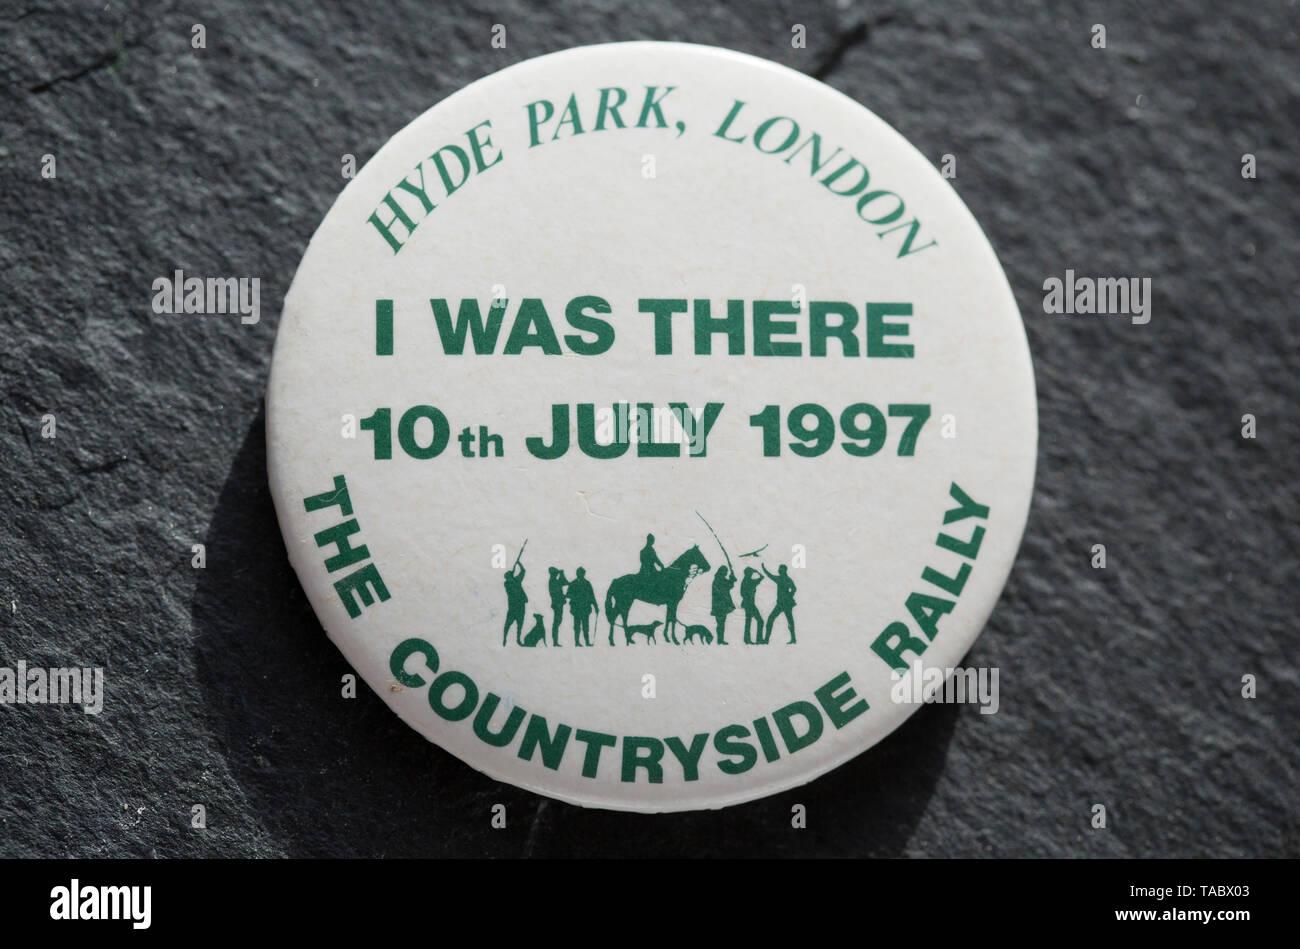 Un pro-caccia badge che è stato fatto per la campagna 1997 Rally in Hyde Park in relazione alla proposta di vietare la caccia con i cani nel Regno Unito. Il rall Immagini Stock